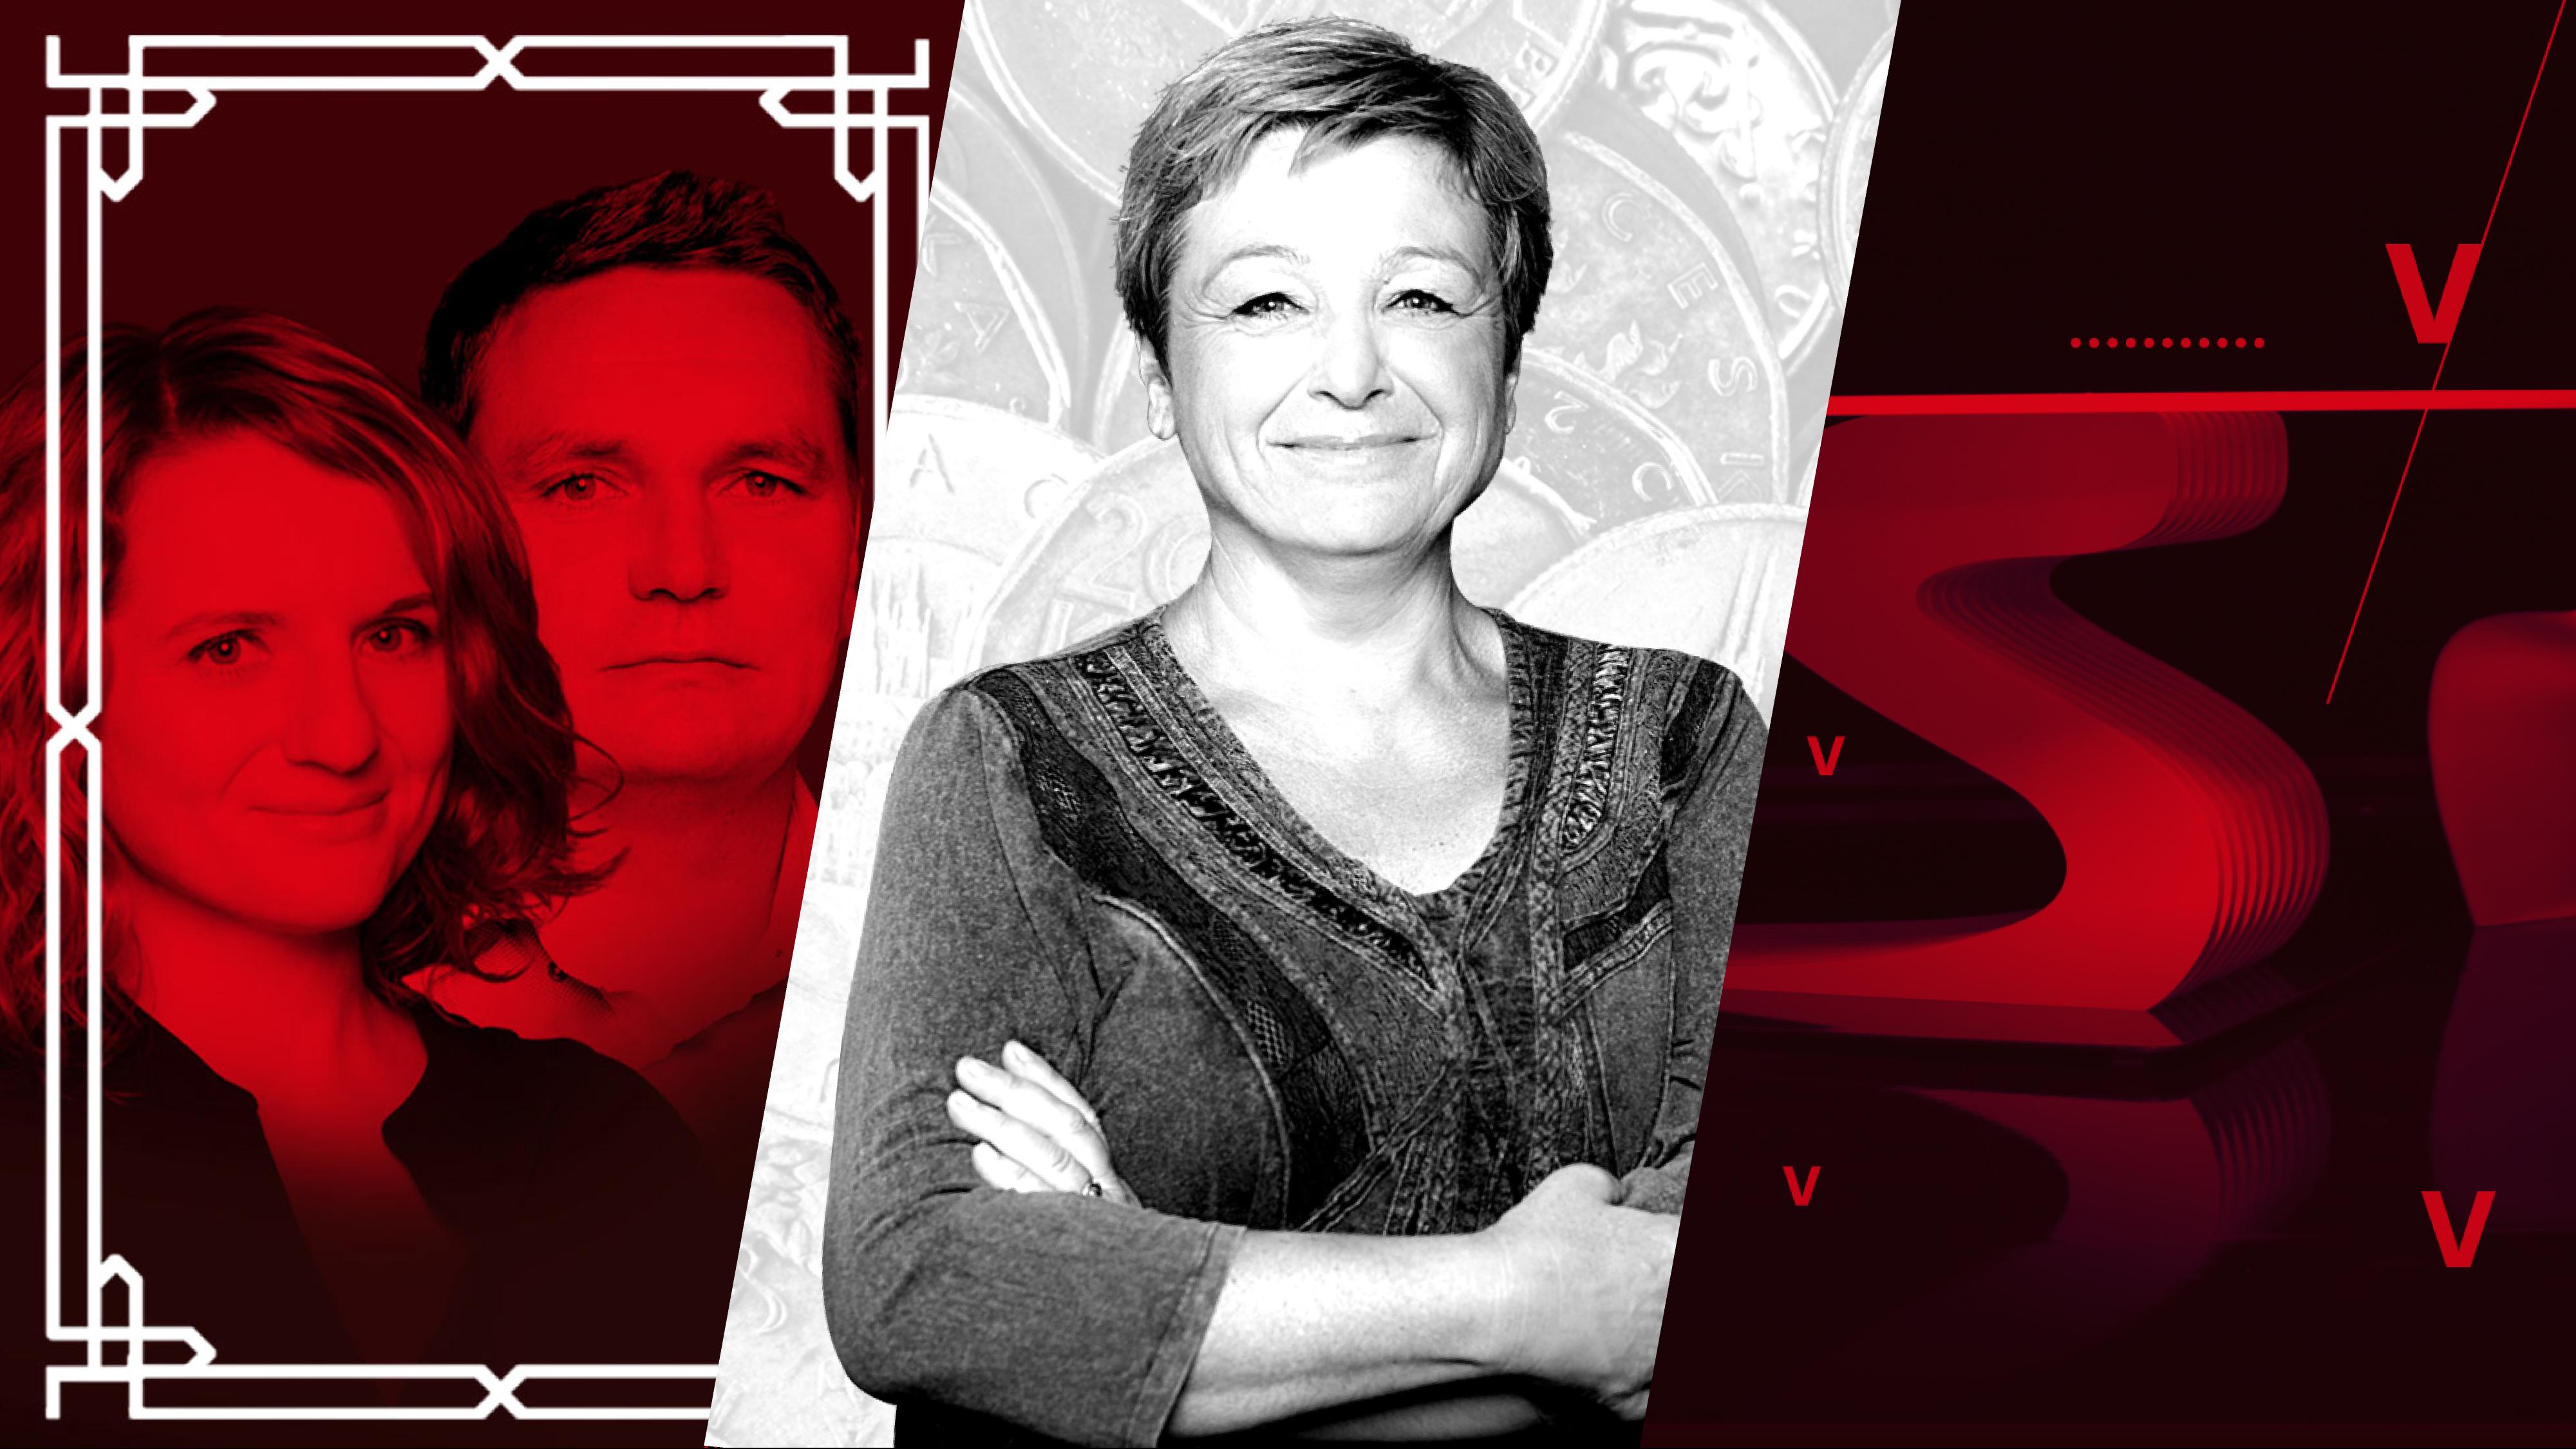 Dnes večer v TV Seznam: Jak se staví Praha? A jak vládne Šlechtová?